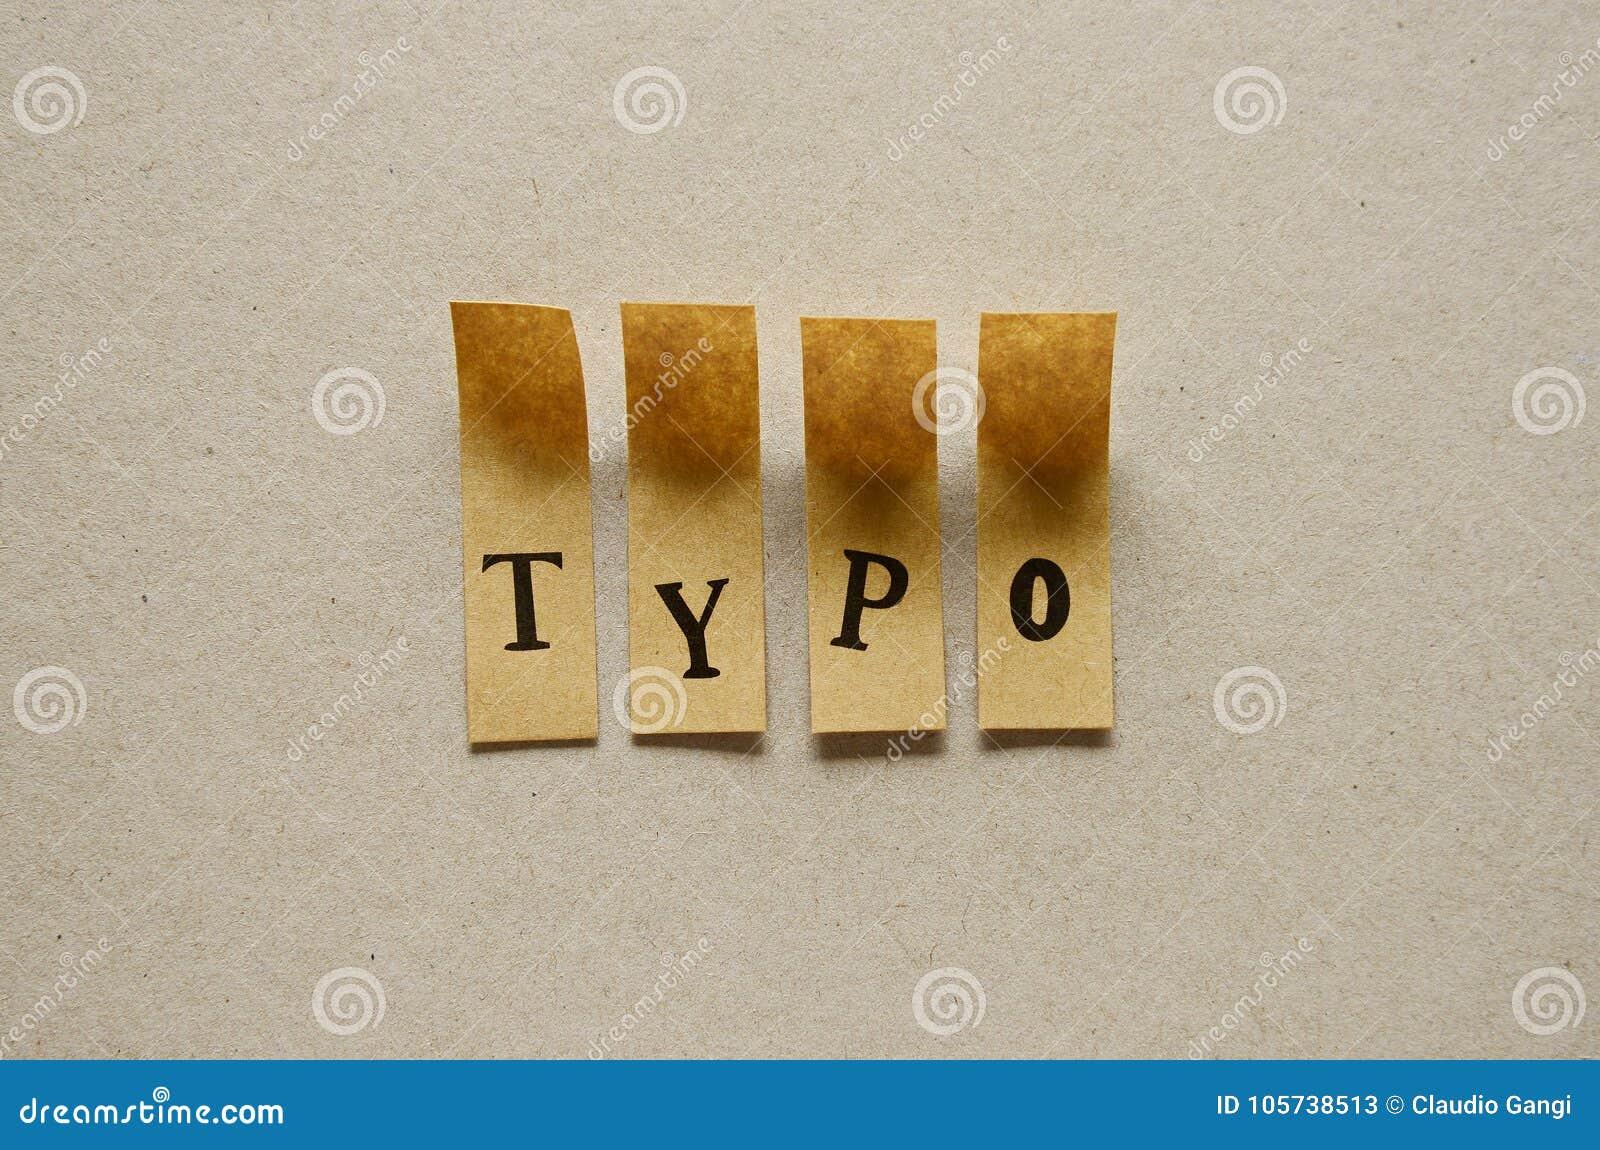 Typo - woord in kleverige brieven